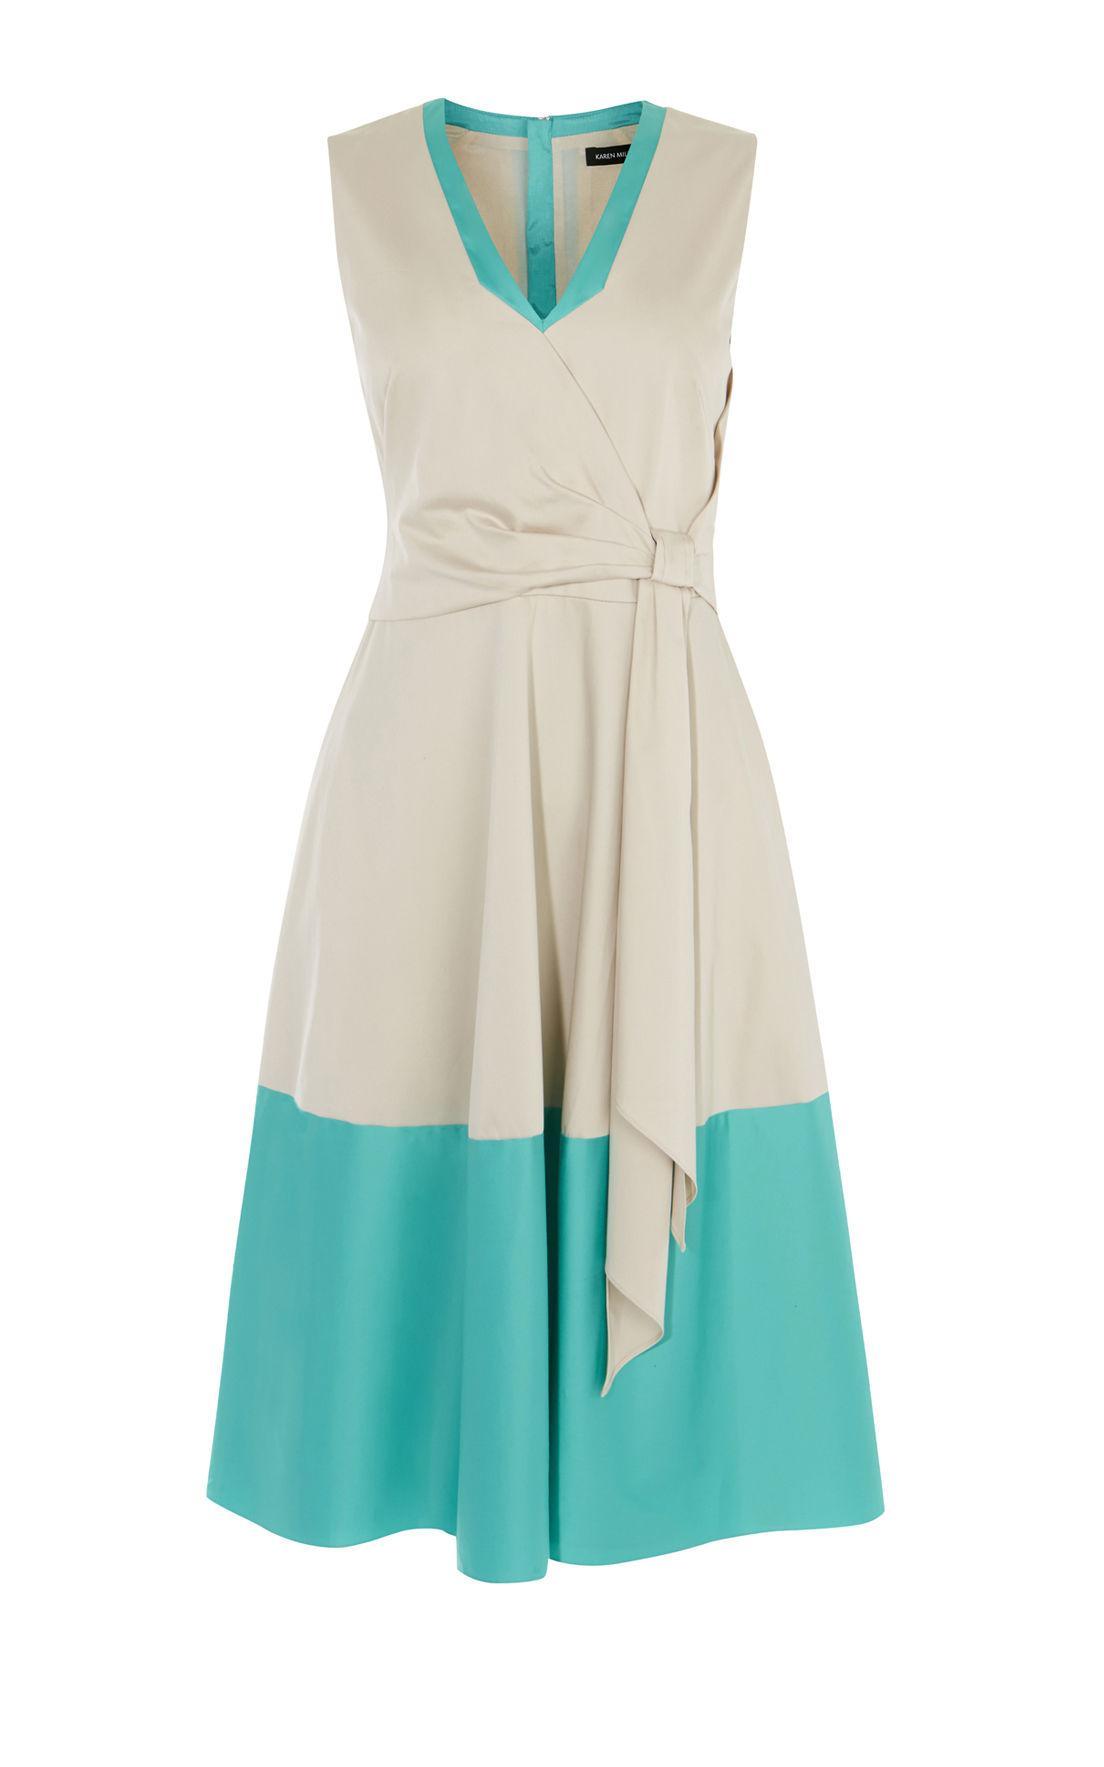 Lyst - Karen Millen Grey & Blue Midi Dress - Blue/multi in Blue